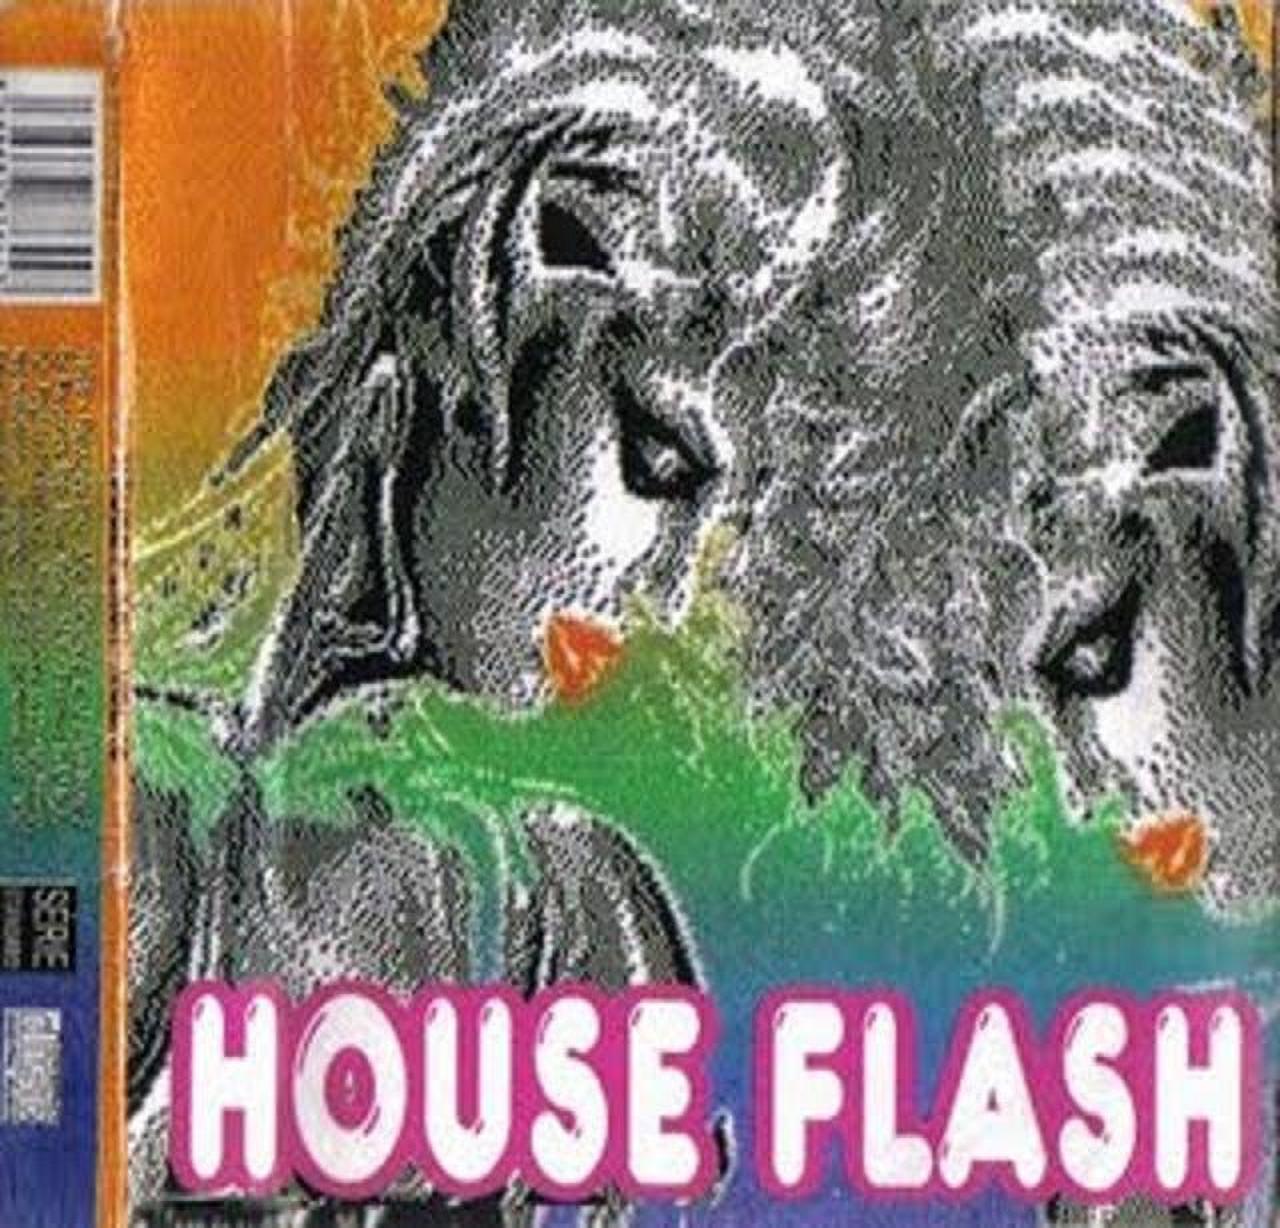 http://4.bp.blogspot.com/_76hc1HkzNCo/SwIfjOTrB9I/AAAAAAAABjM/nvV_wWGPwg0/s1600/House_Flash_-_Vol__15_front.JPG